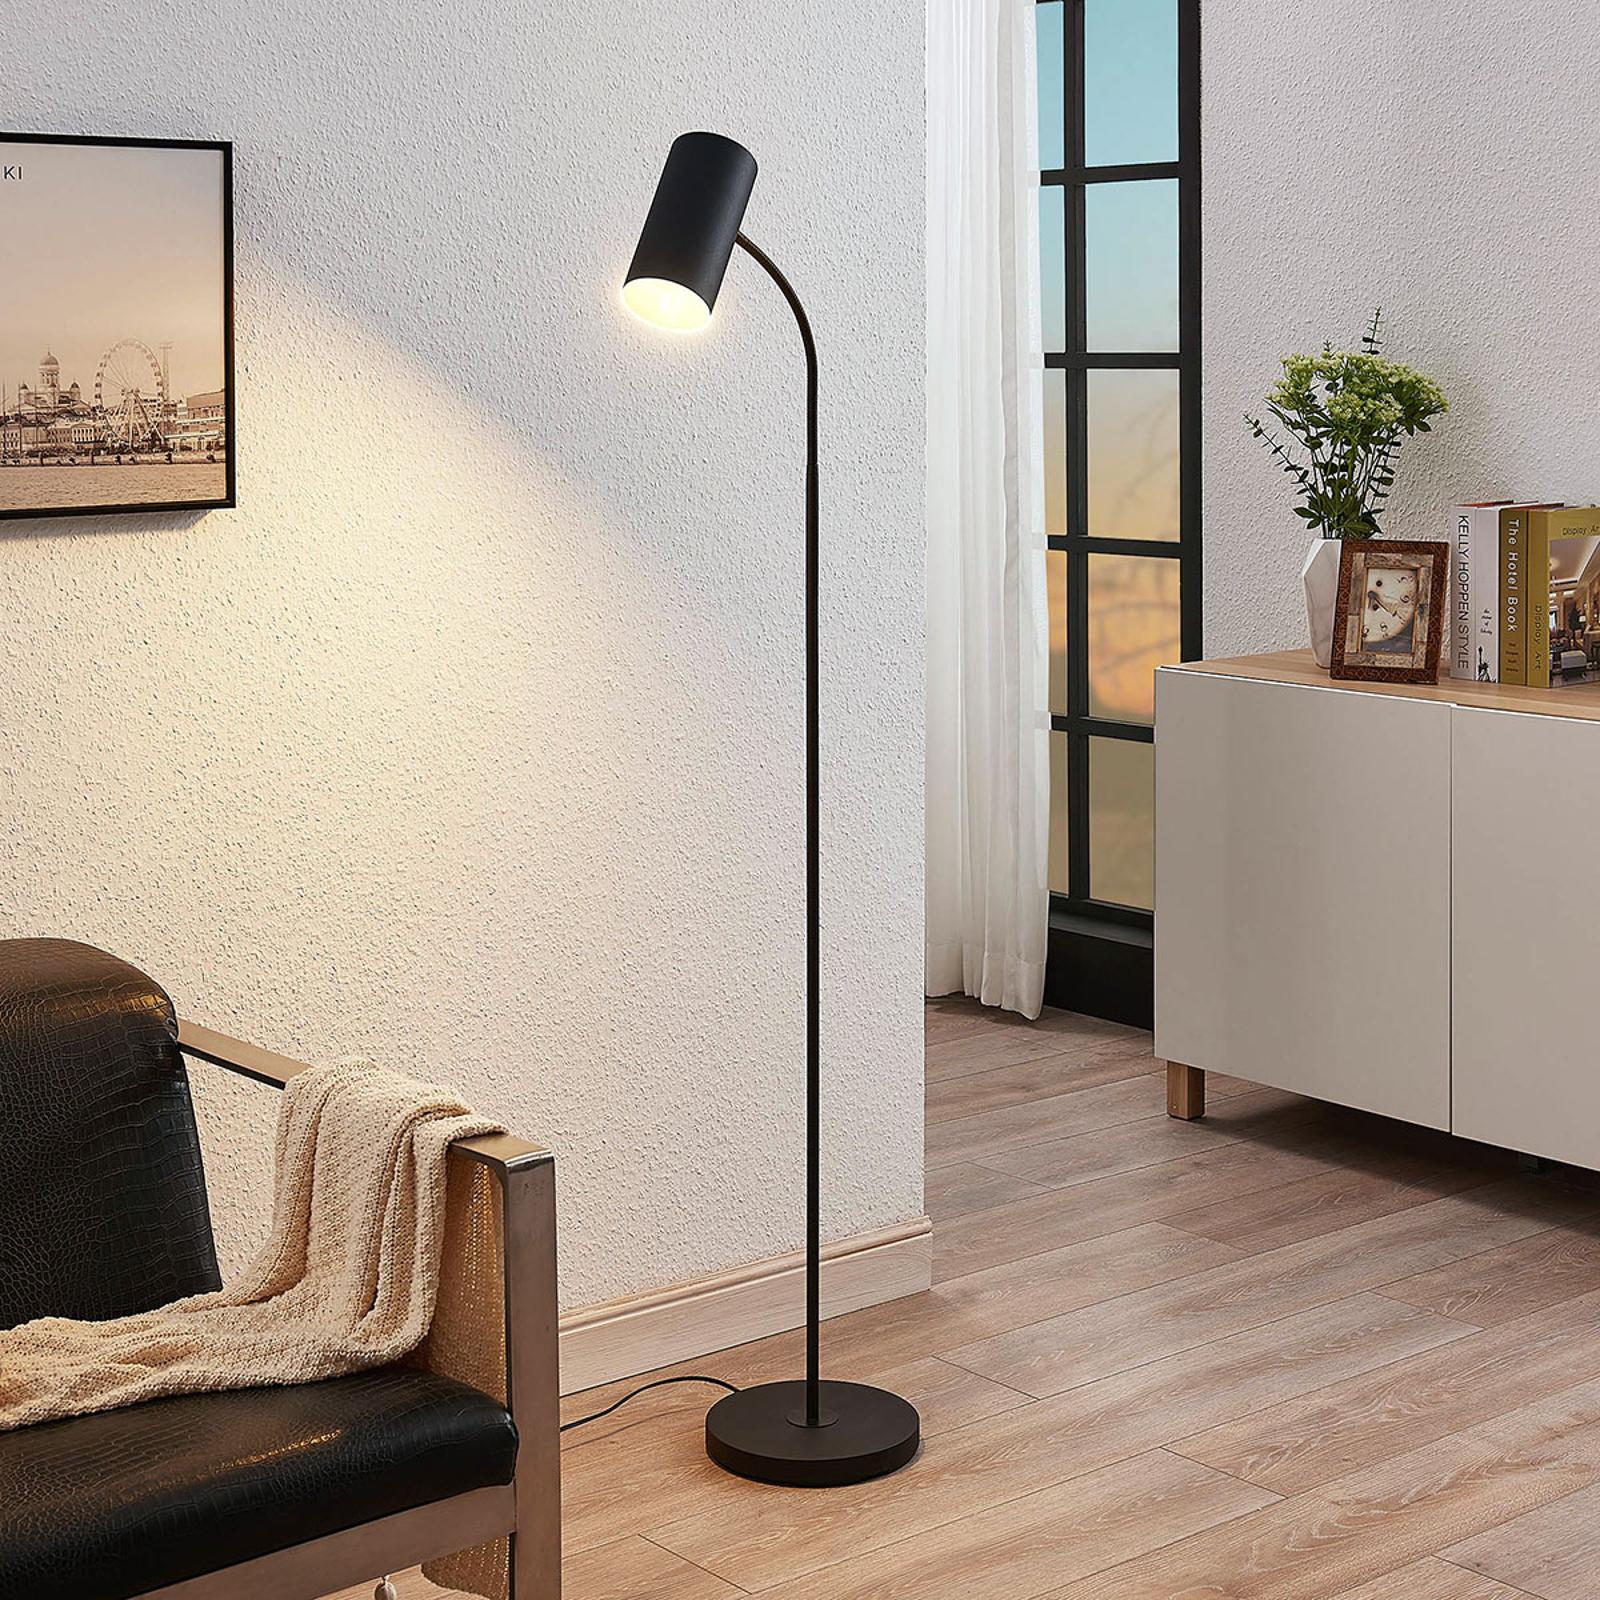 Stojací lampa Karoli s flexibilním ramenem v černé